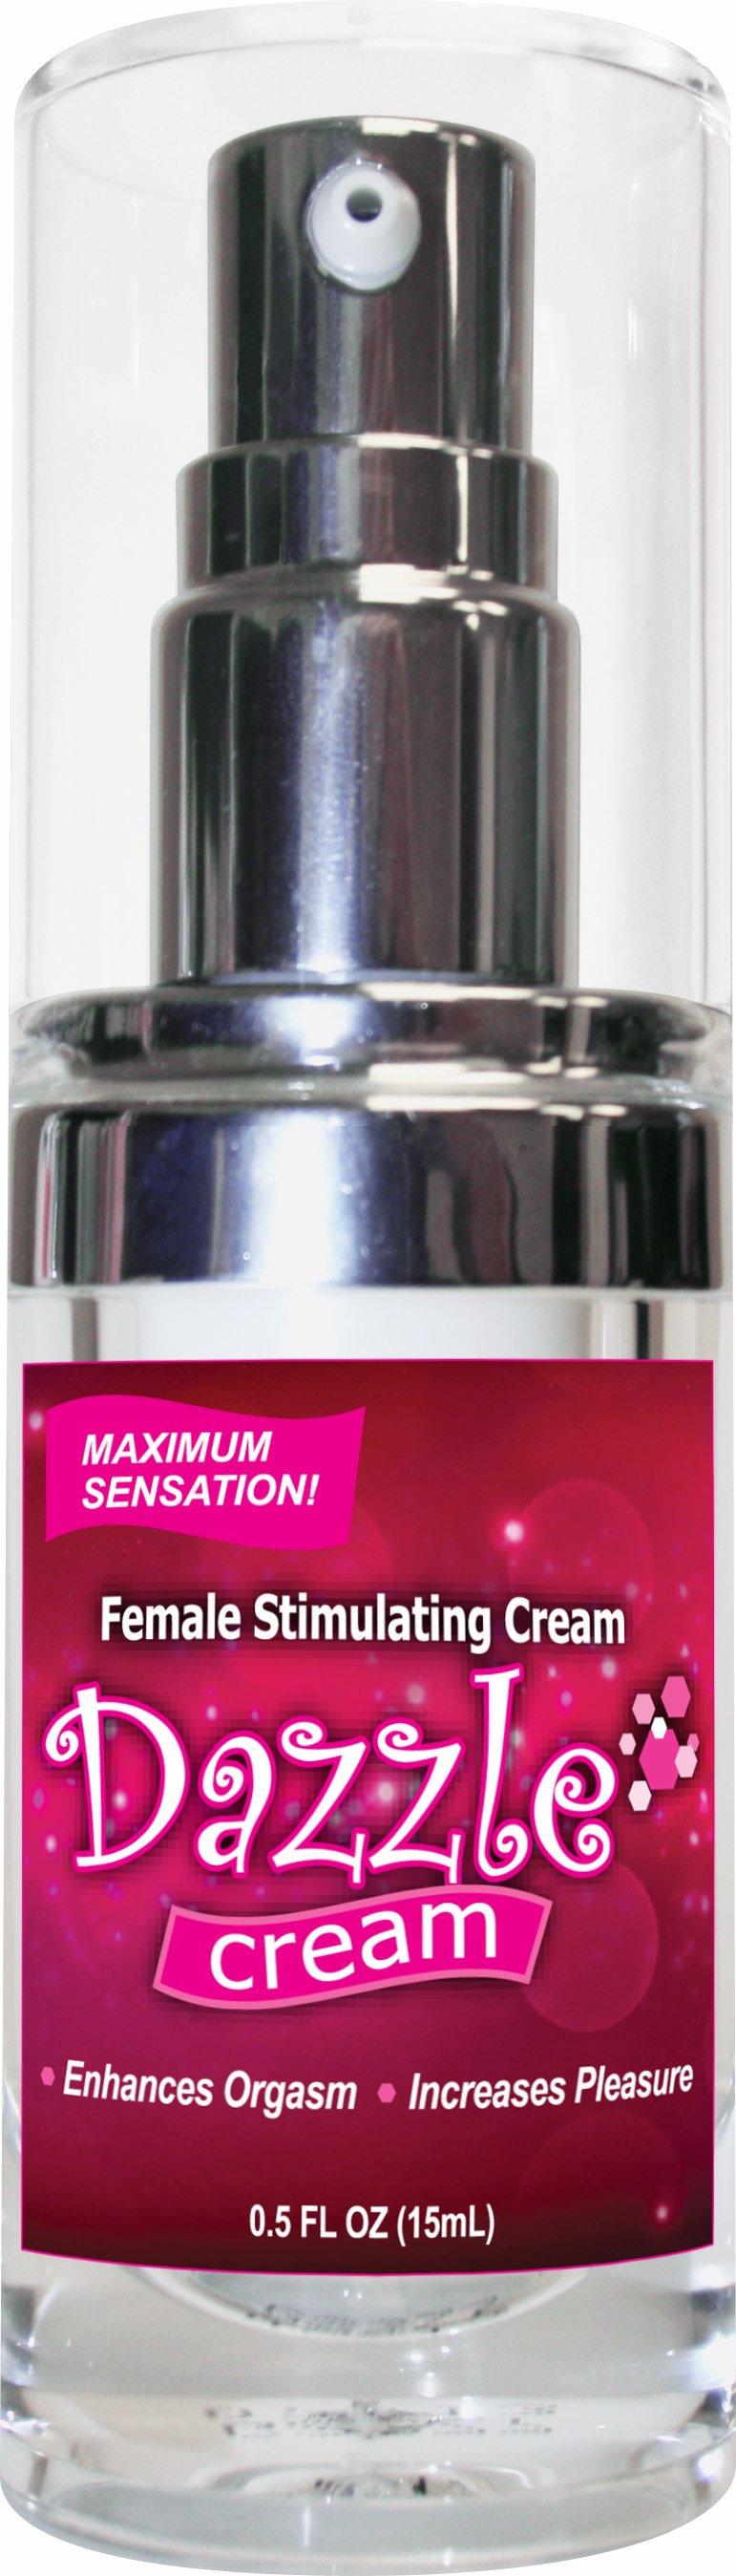 Dazzle Cream 5 Oz